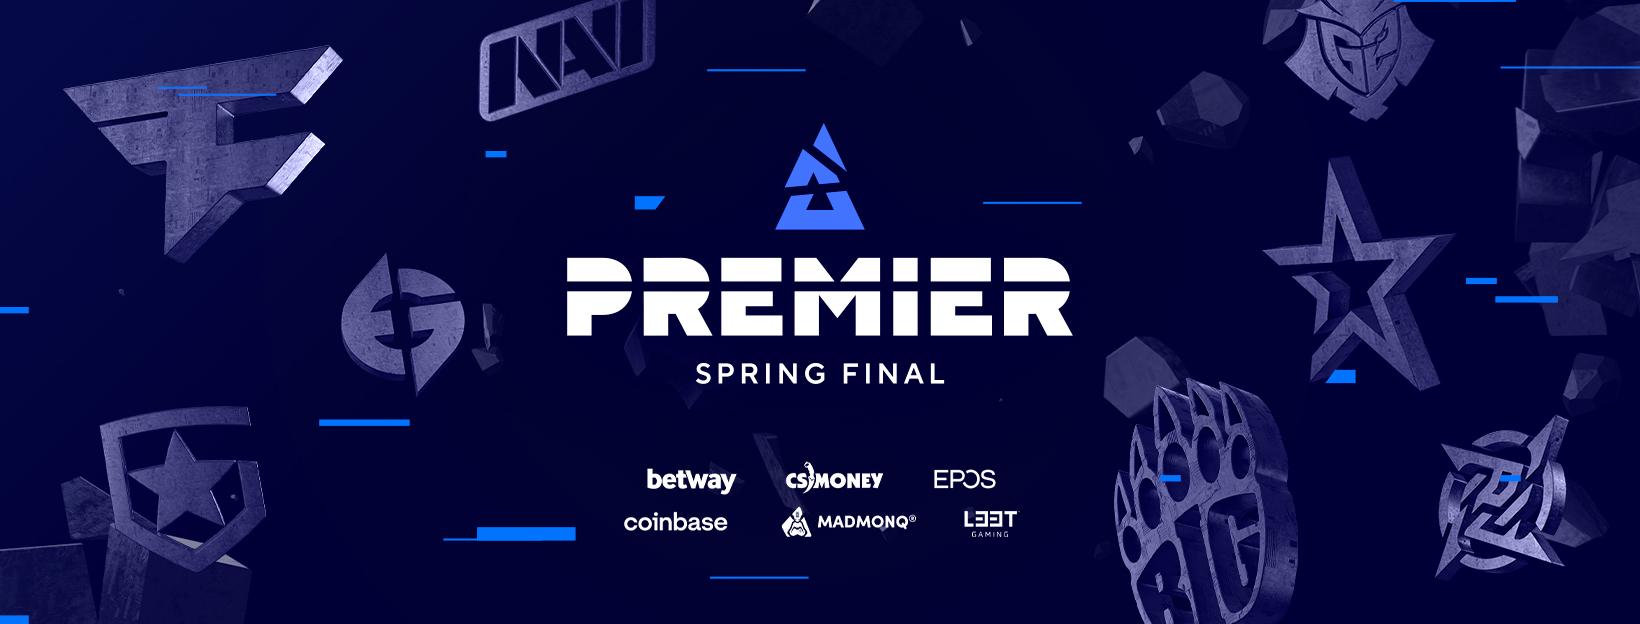 Foto de La BLAST Premier: Spring Finals tendrá transmisión en español para Latinoamérica